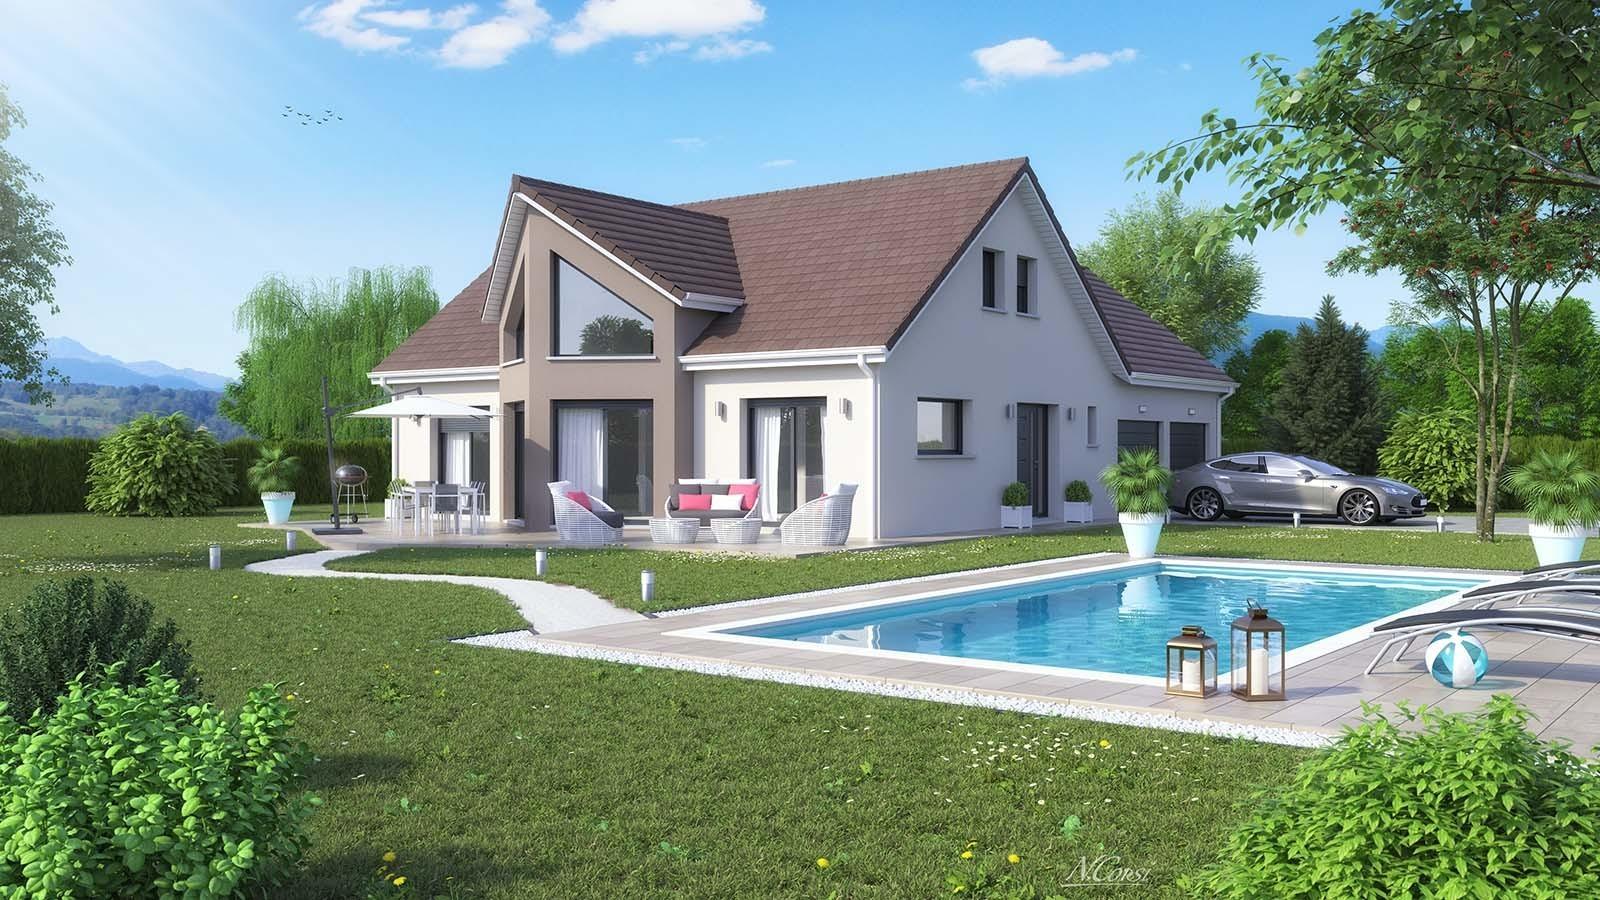 Maisons optimal constructeur de maisons individuelles dans le doubs et le jura - Maisons optimales ...